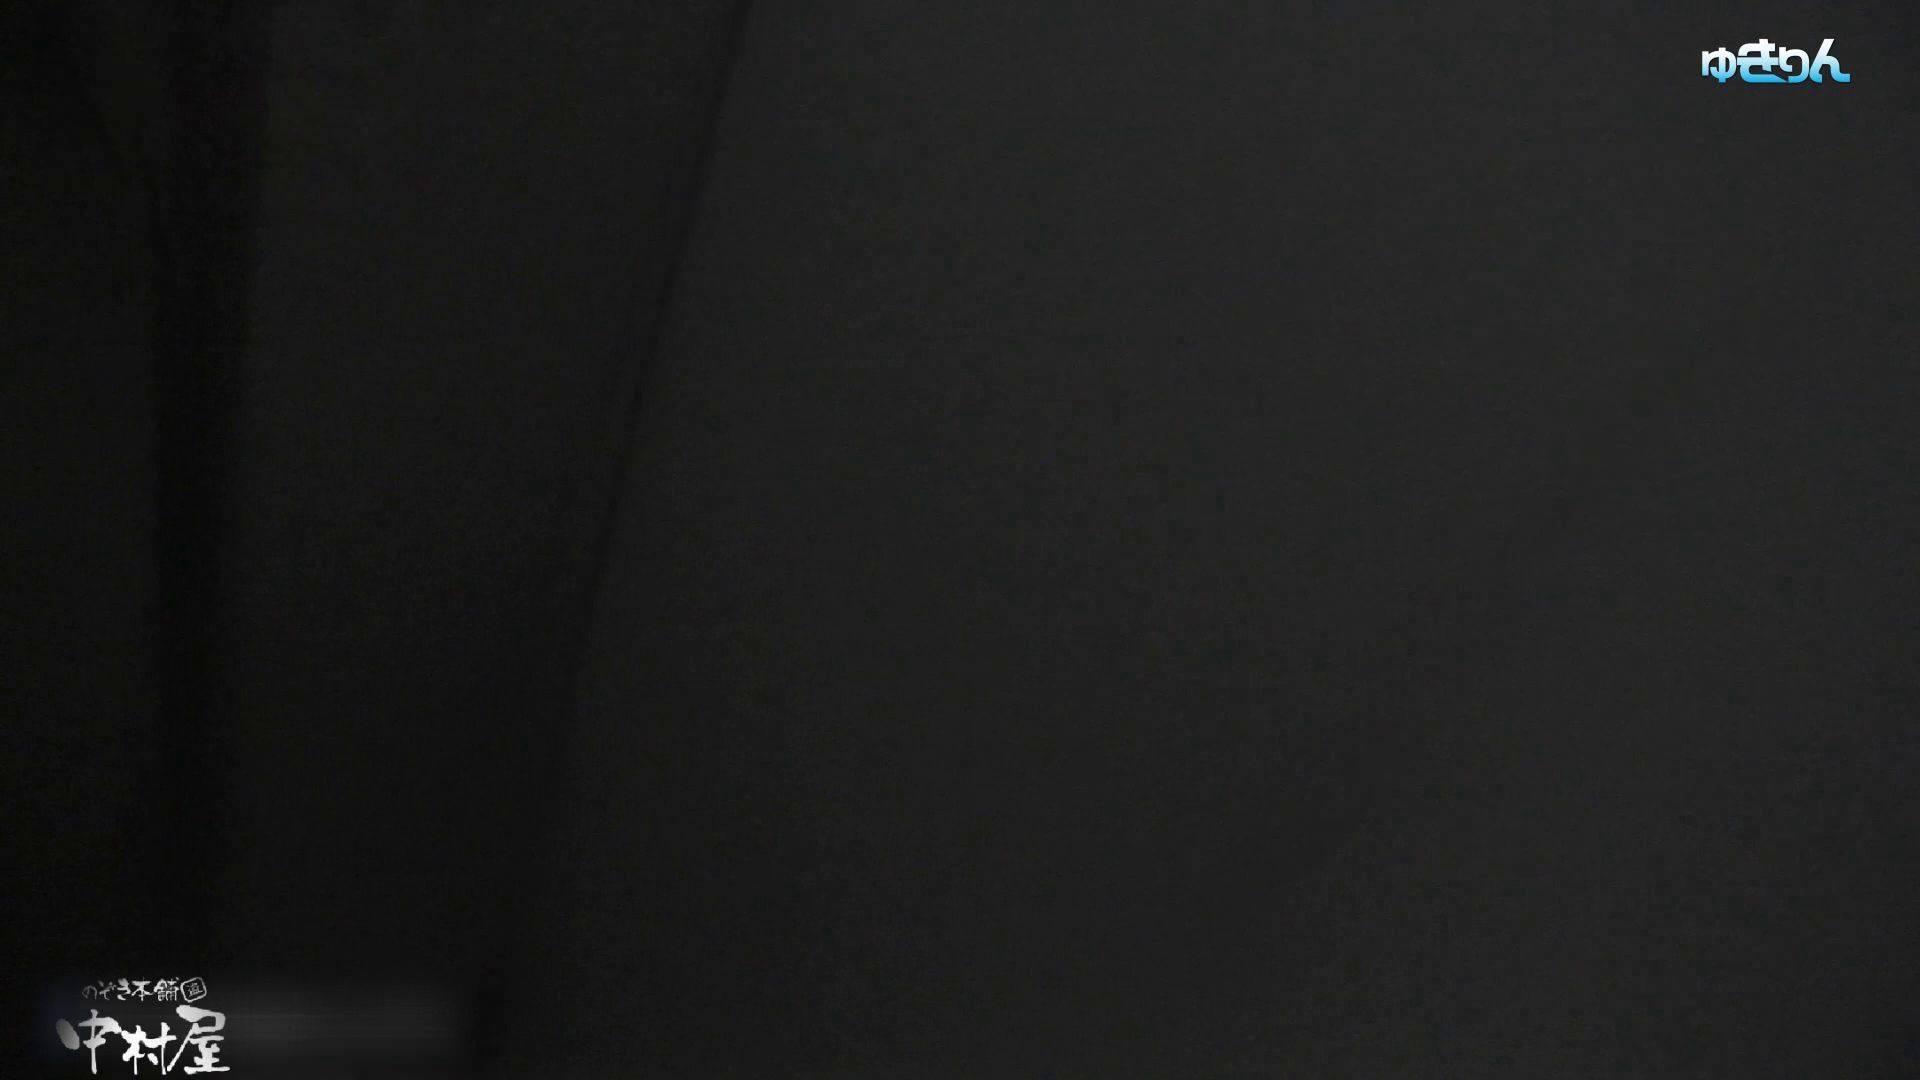 世界の射窓から~ステーション編 vol60 ユキリン粘着撮り!!今回はタイトなパンツが似合う美女 美女まとめ   0  113PIX 103